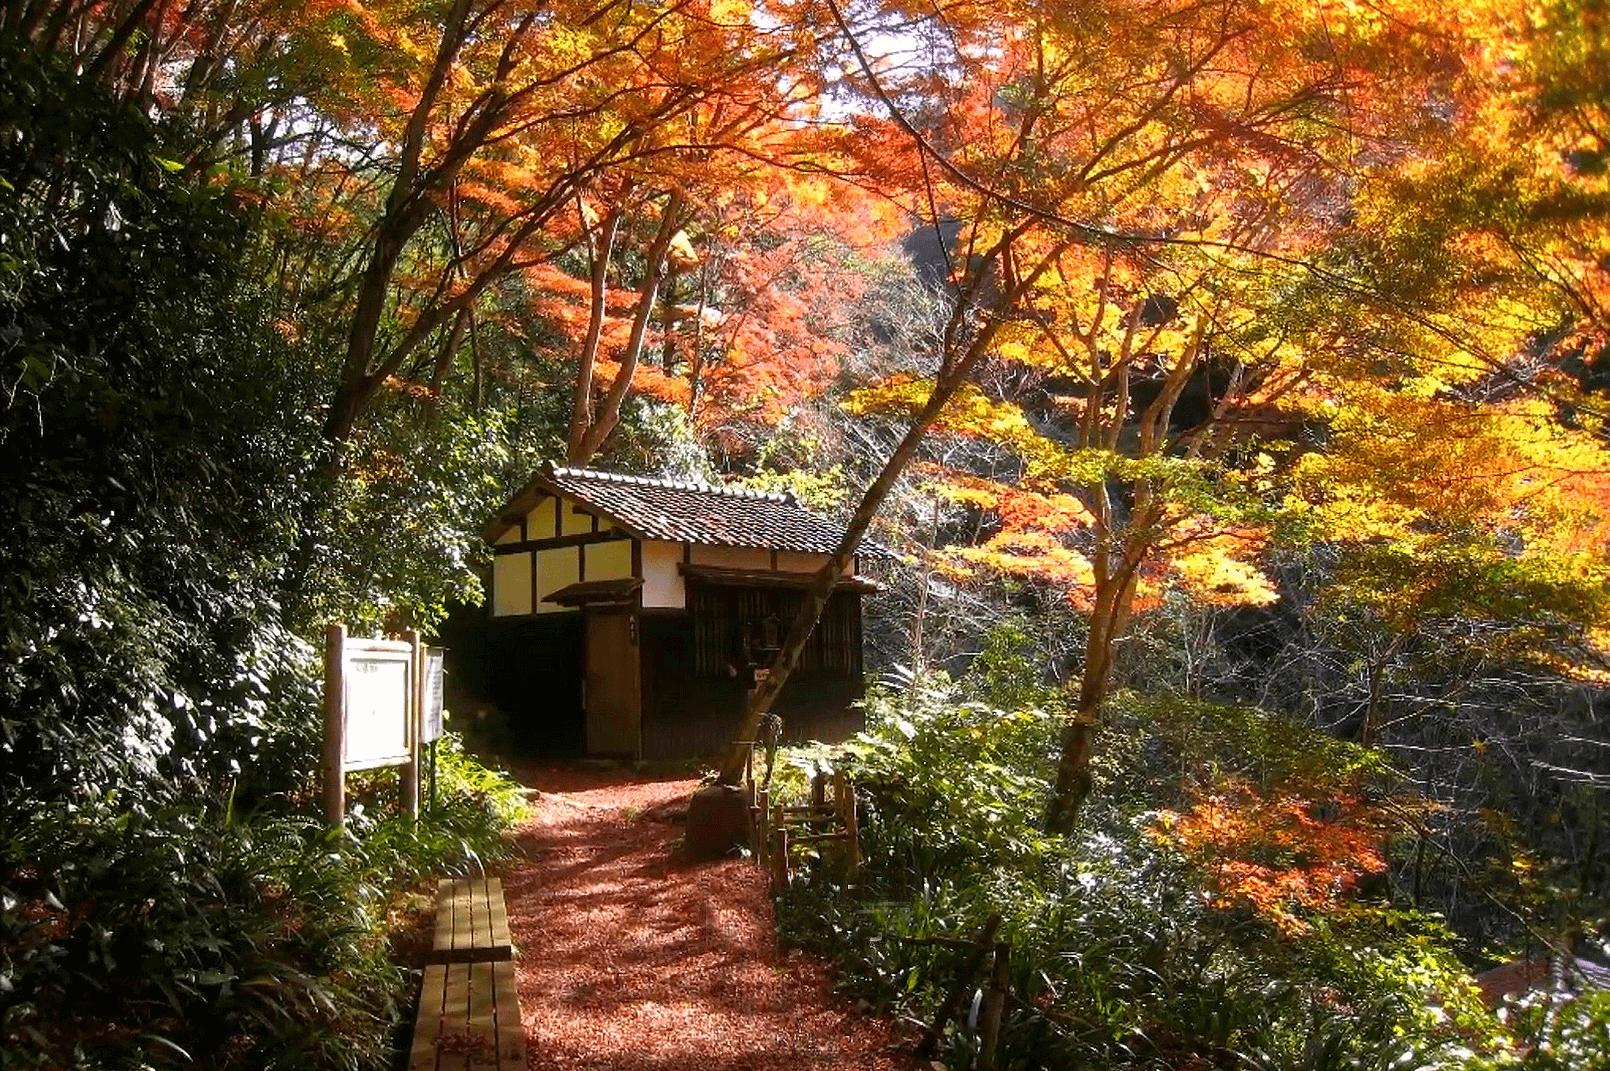 武田尾廃線敷の桜の園にある亦楽山荘と隔水亭